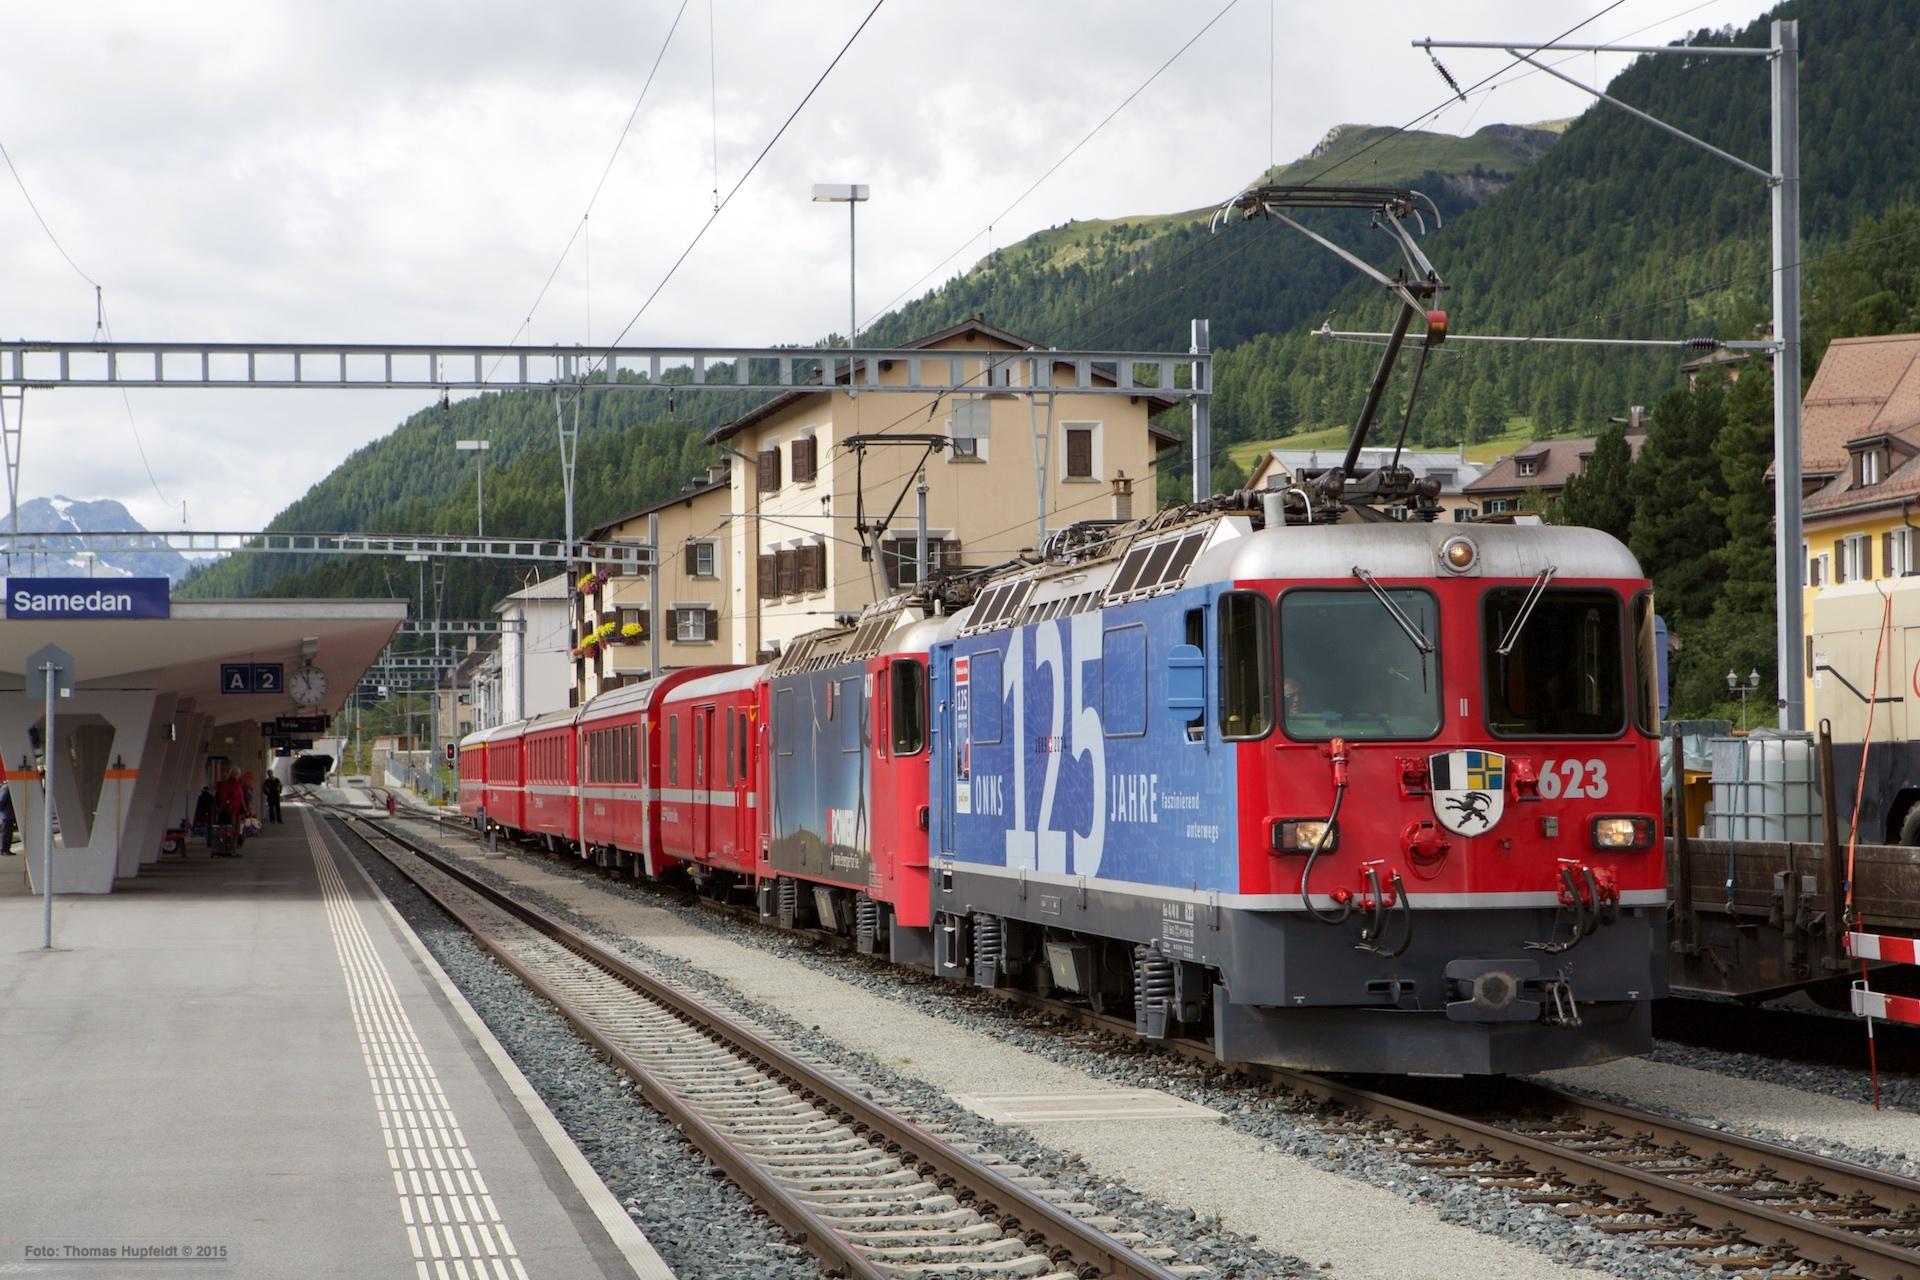 RhB Ge 4/4 II 623 og 617 med 5 vogne som 8336 (Samedan-Landquart) ved Samedan - 16.08.2014